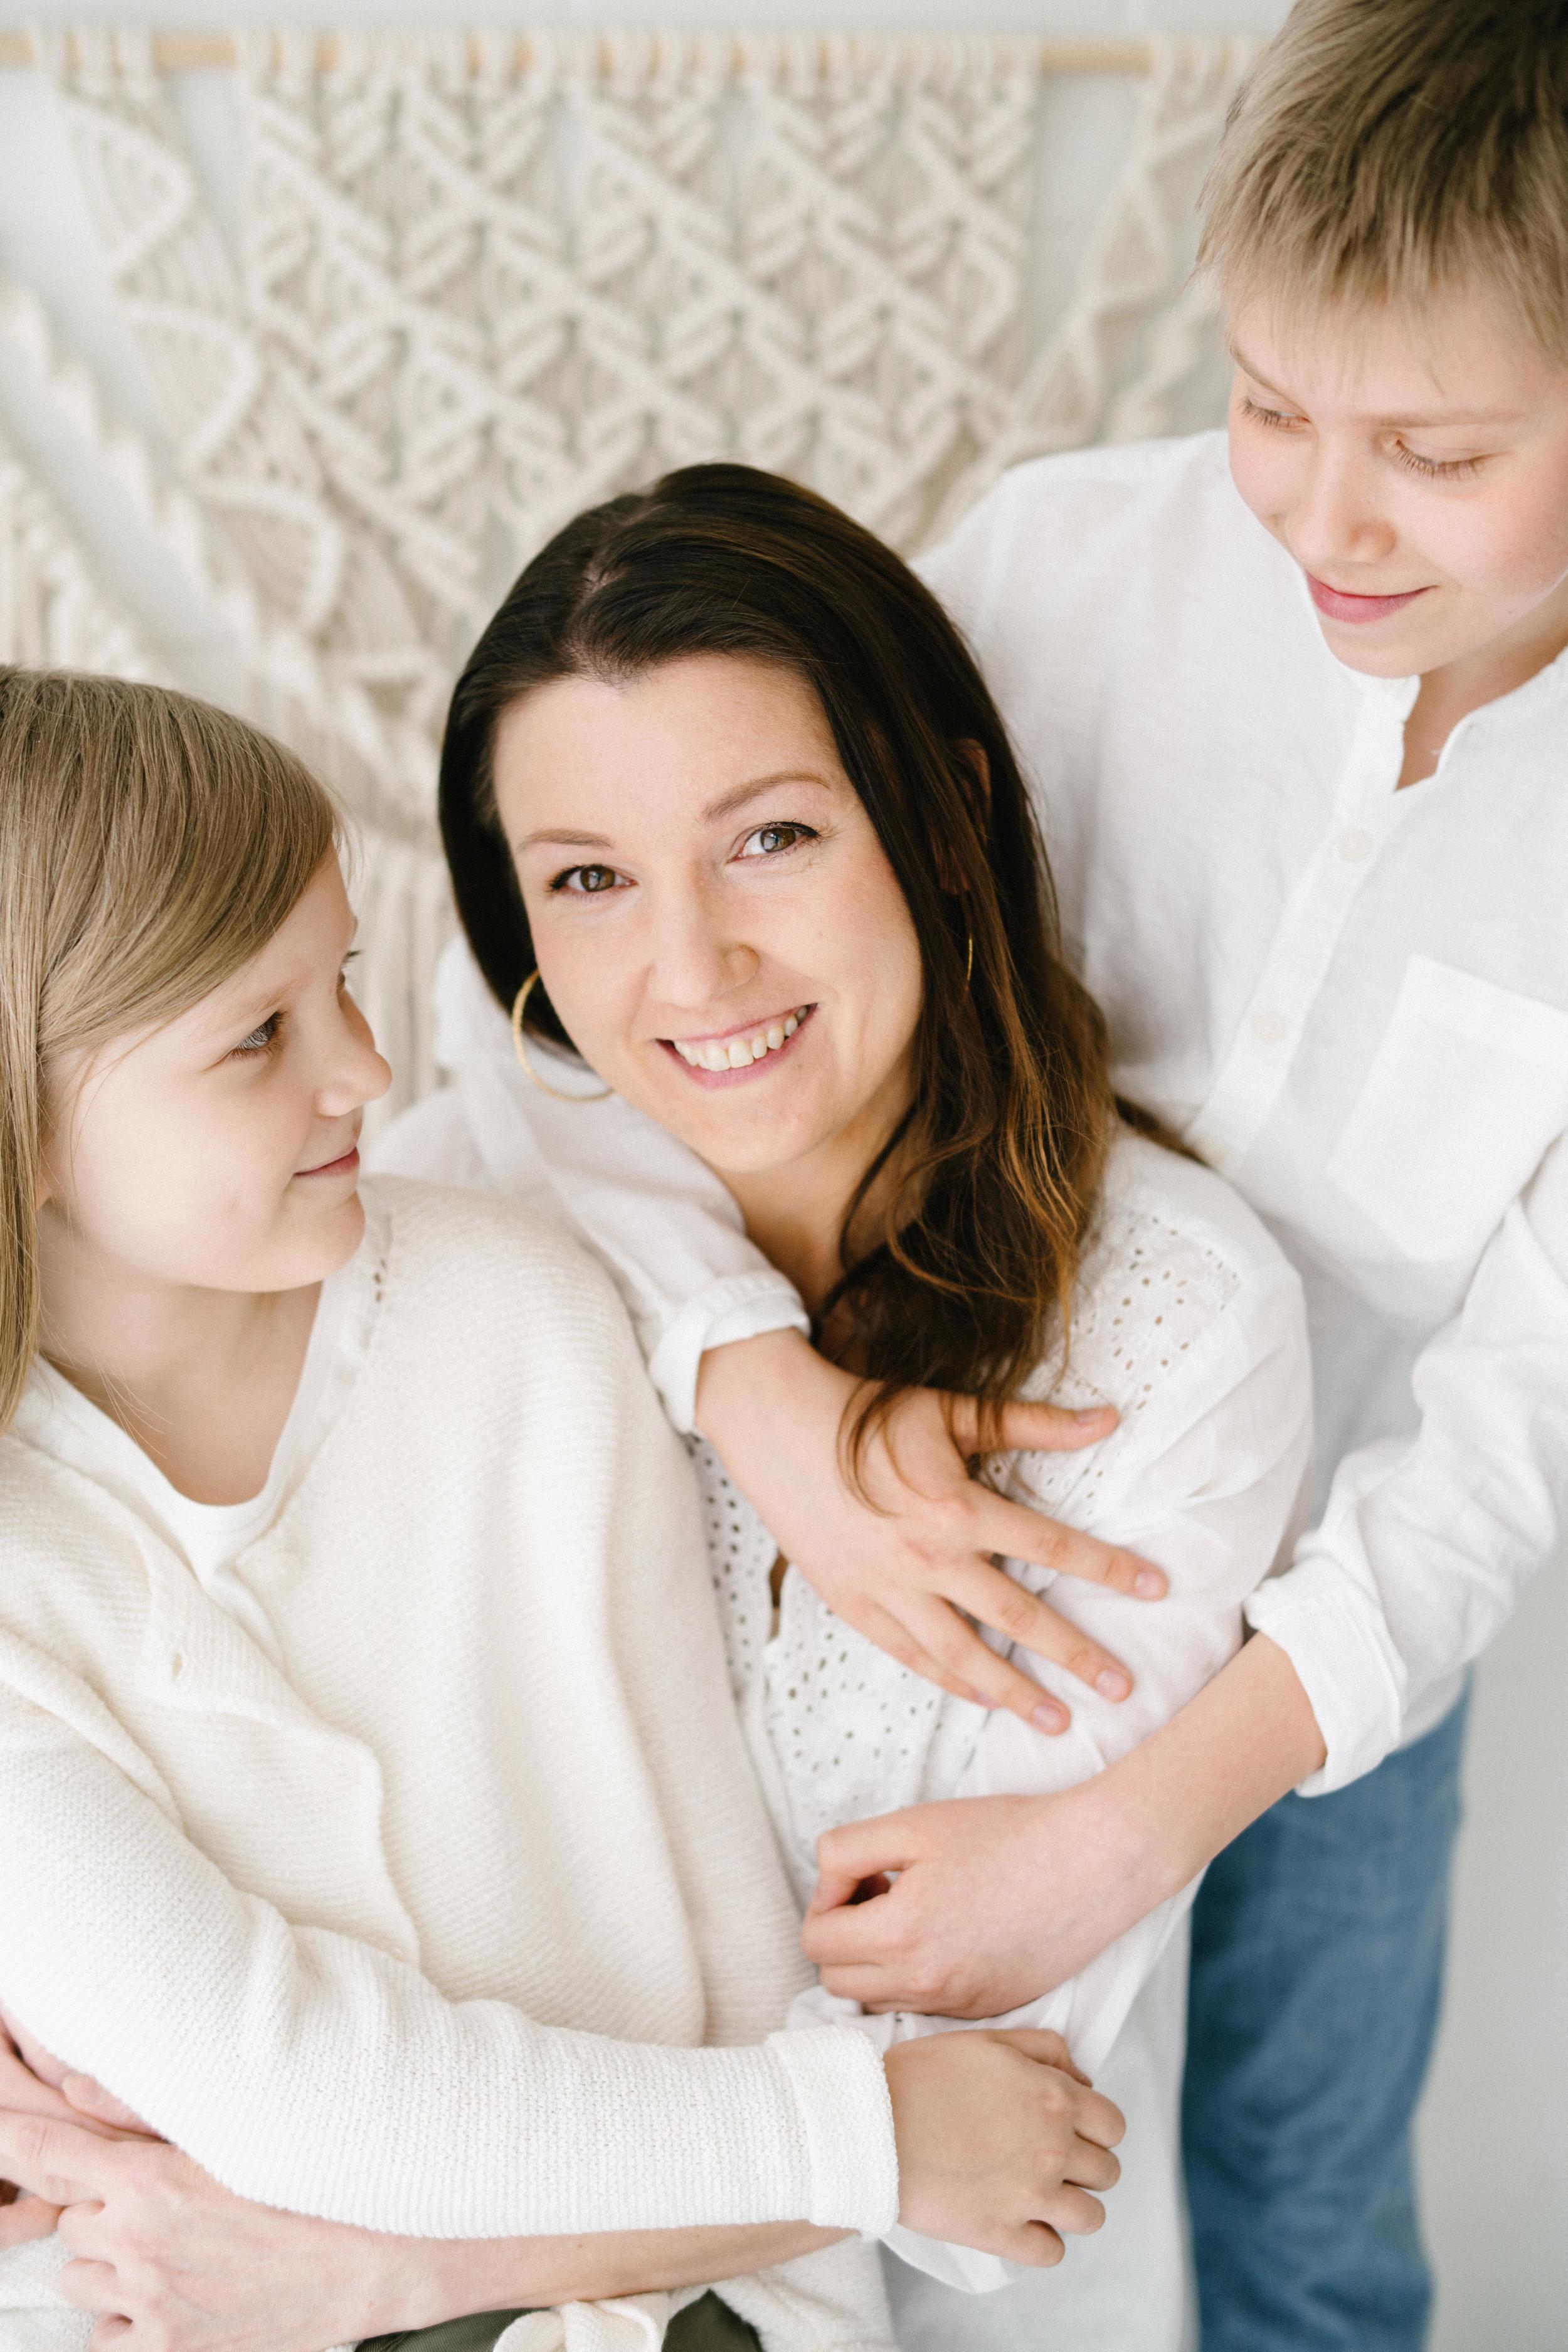 Mommy & Me Kuvauspäivä, Susanna Nordvall, Äitienpäivä, Mother's Day, Perhekuvaus, Lapsikuvaus, Valokuvaus Helsinki